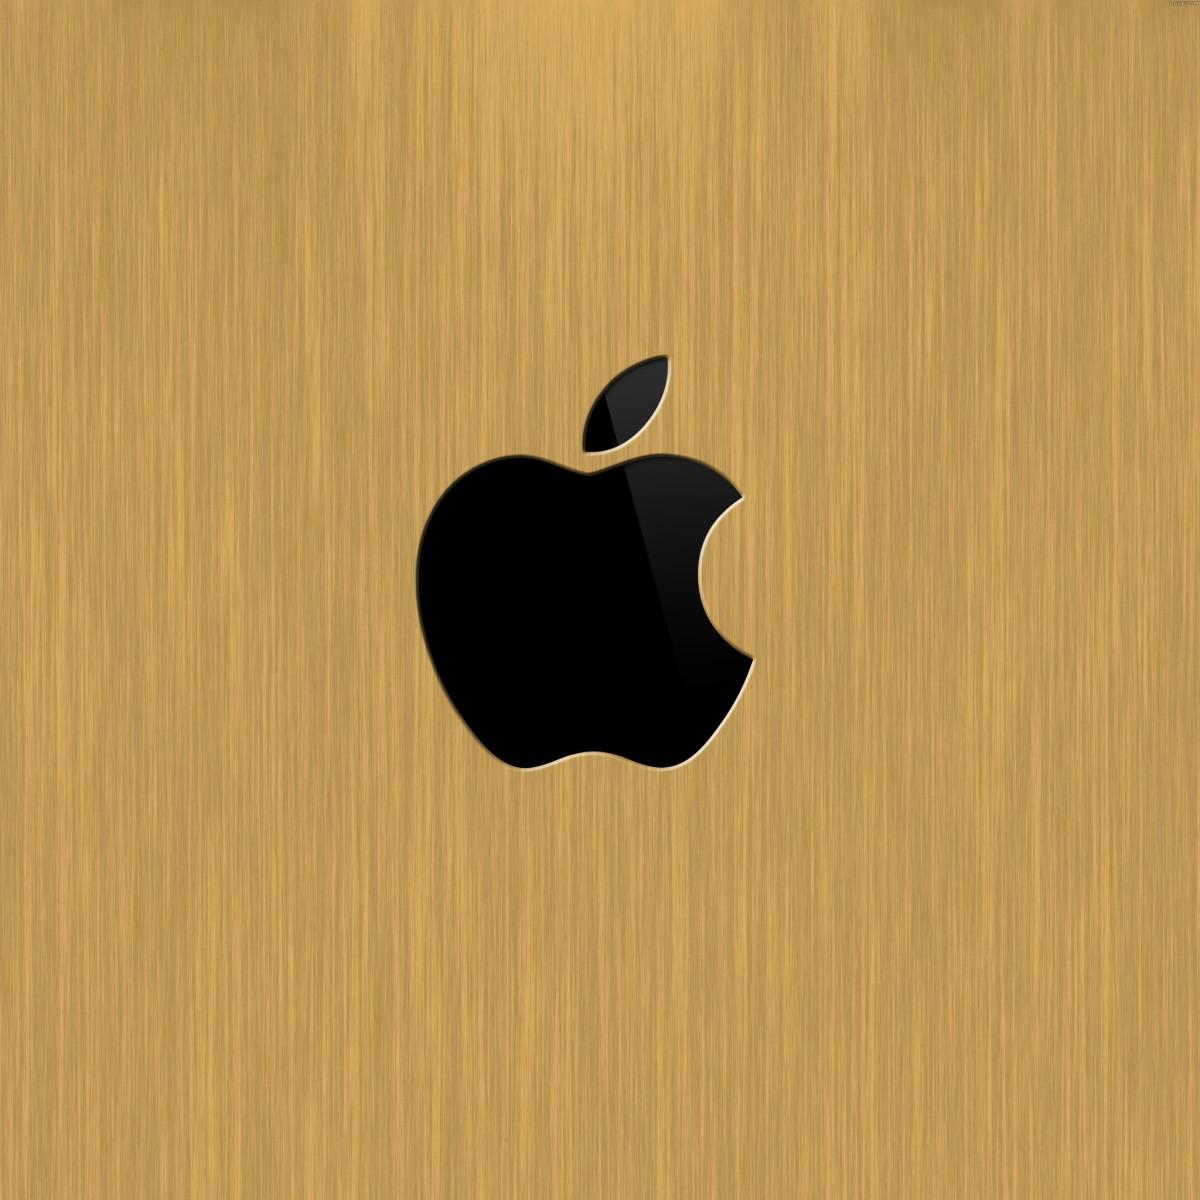 センスのいい,かっこいい,Apple,アップル,壁紙,画像,まとめ358